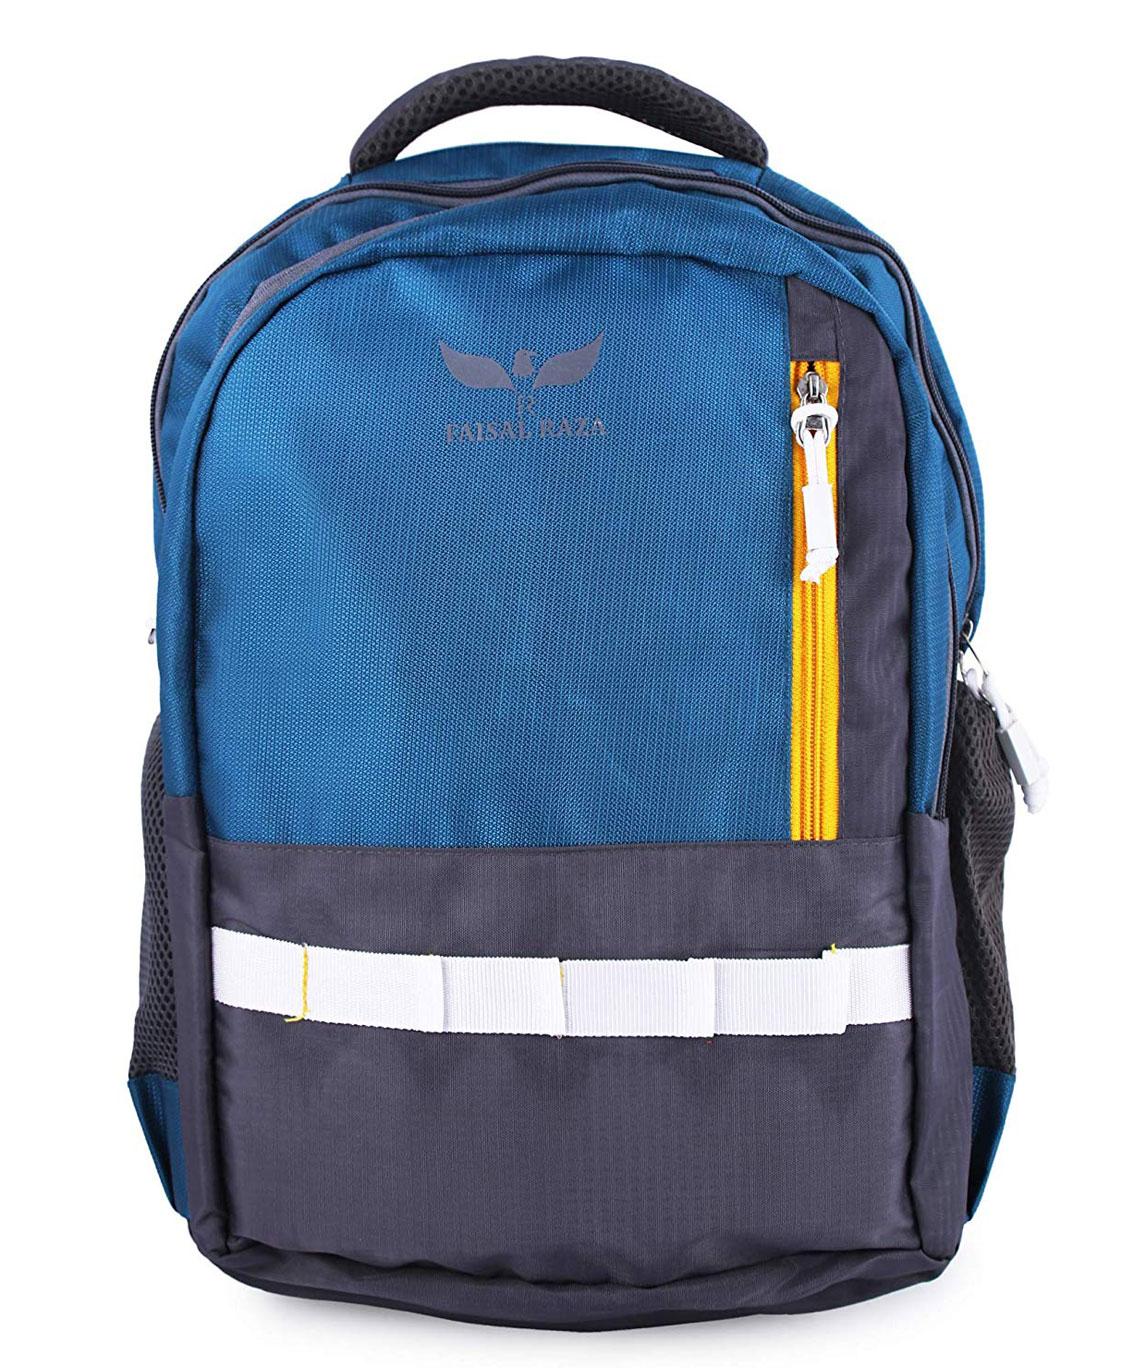 Safar 30 Liters Casual Bagpack/School Bag/Laptop Backpack(Multi)